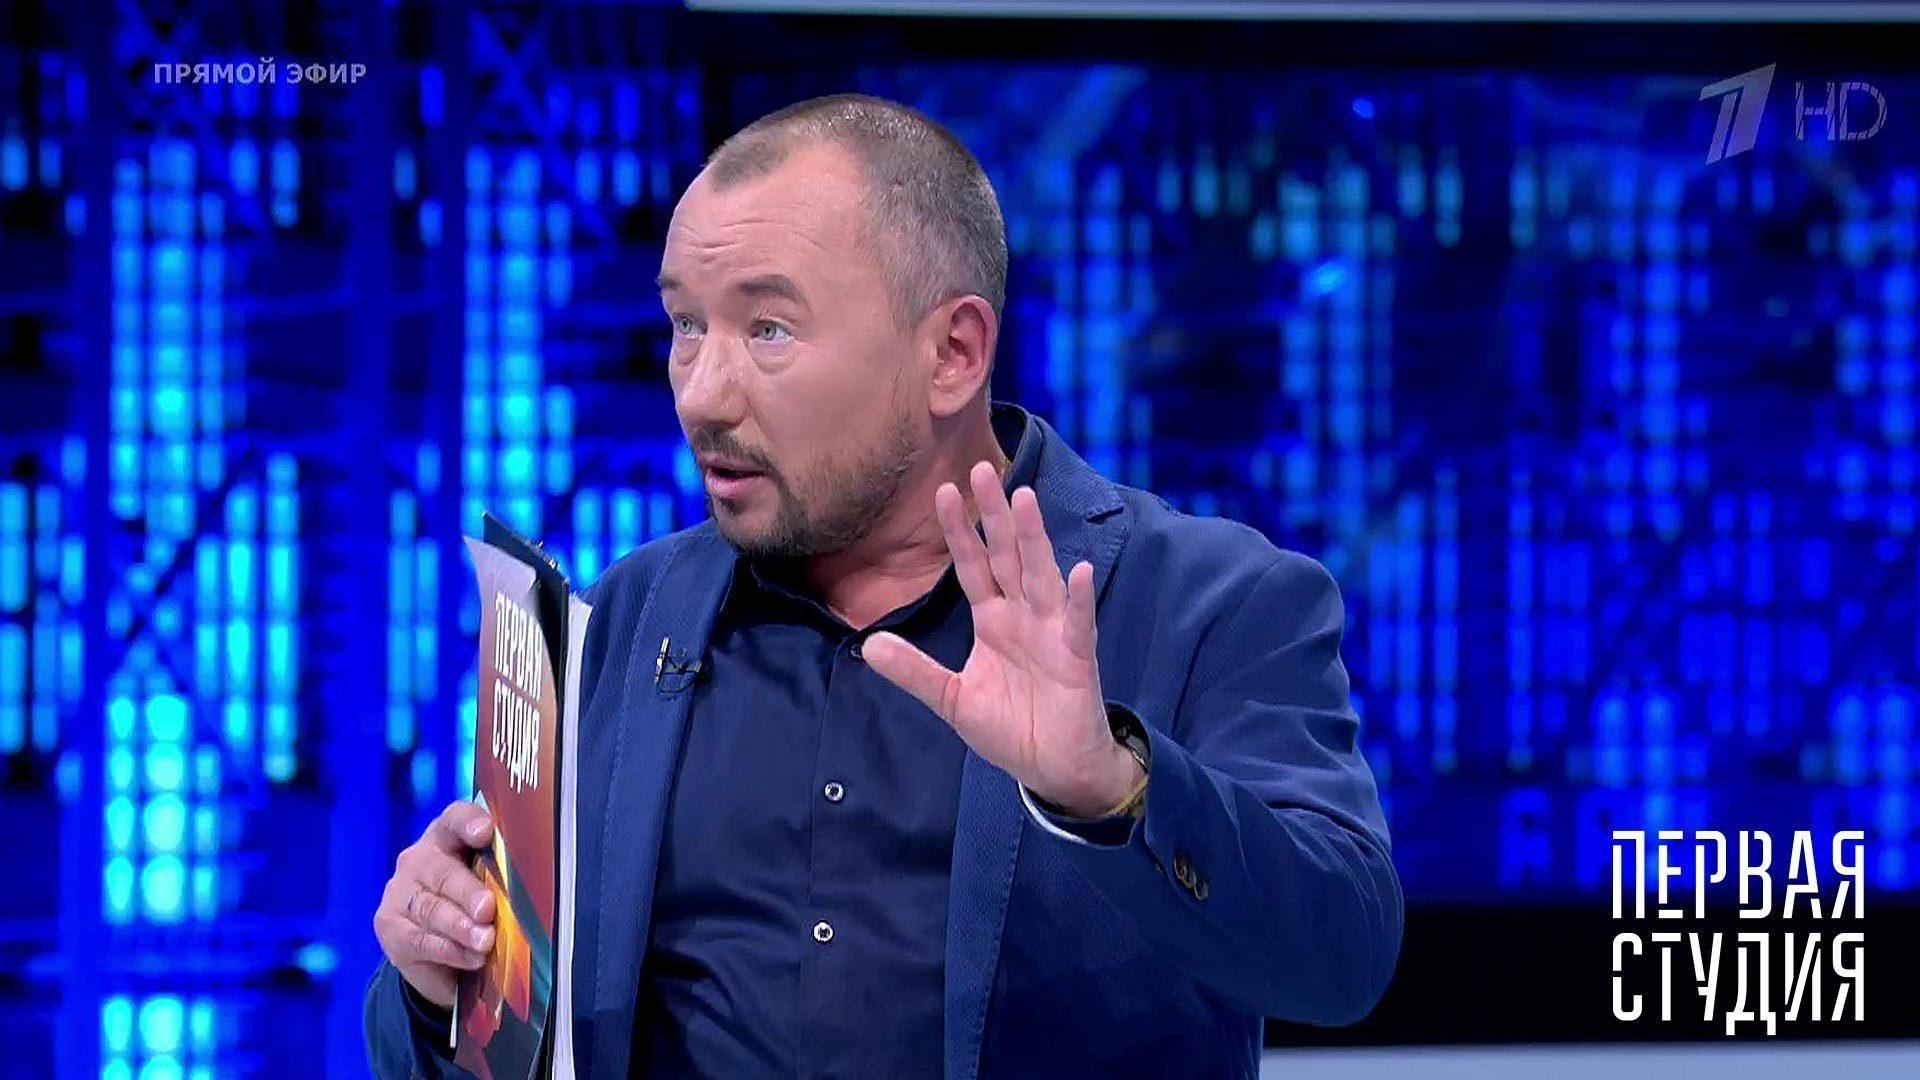 первая студия с шейненым 12 07 2017 консультантом, продавцом Новокузнецке